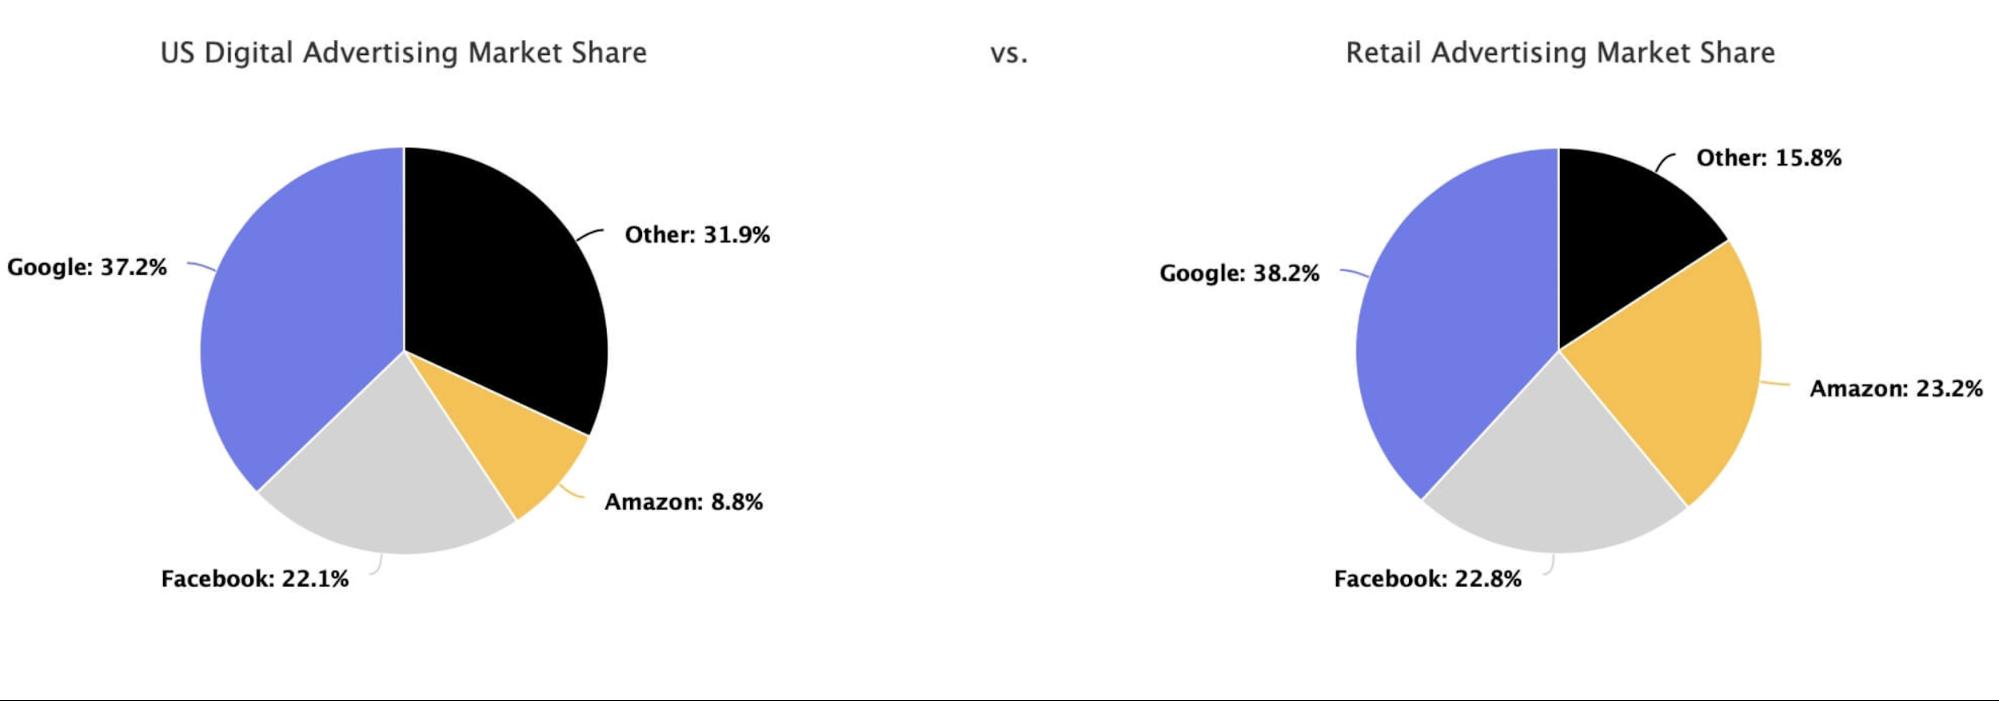 USA digitális hirdetések megoszlása: Google 37,2% Facebook 22,1% Amazon 8,8% Egyéb 31,9% USA kereskedelmi hirdetések megoszlása Google 38,2% Facebook 22,8% Amazon 23,2%, egyéb 15,8%